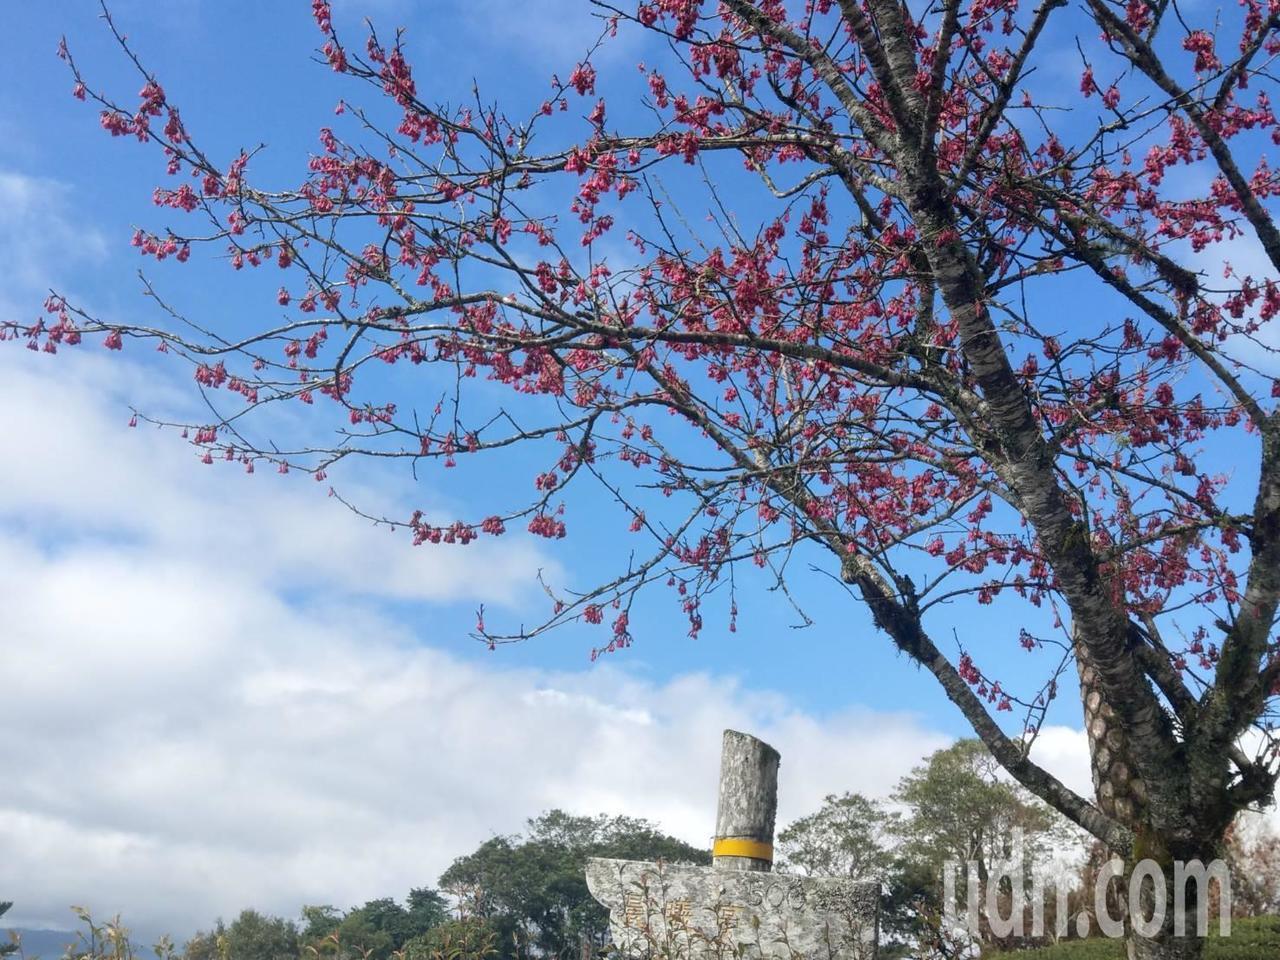 台東南迴唯一的賞櫻景點太麻里金針山,目前山區櫻花已陸續開花,粉色、桃紅色花朵在山...